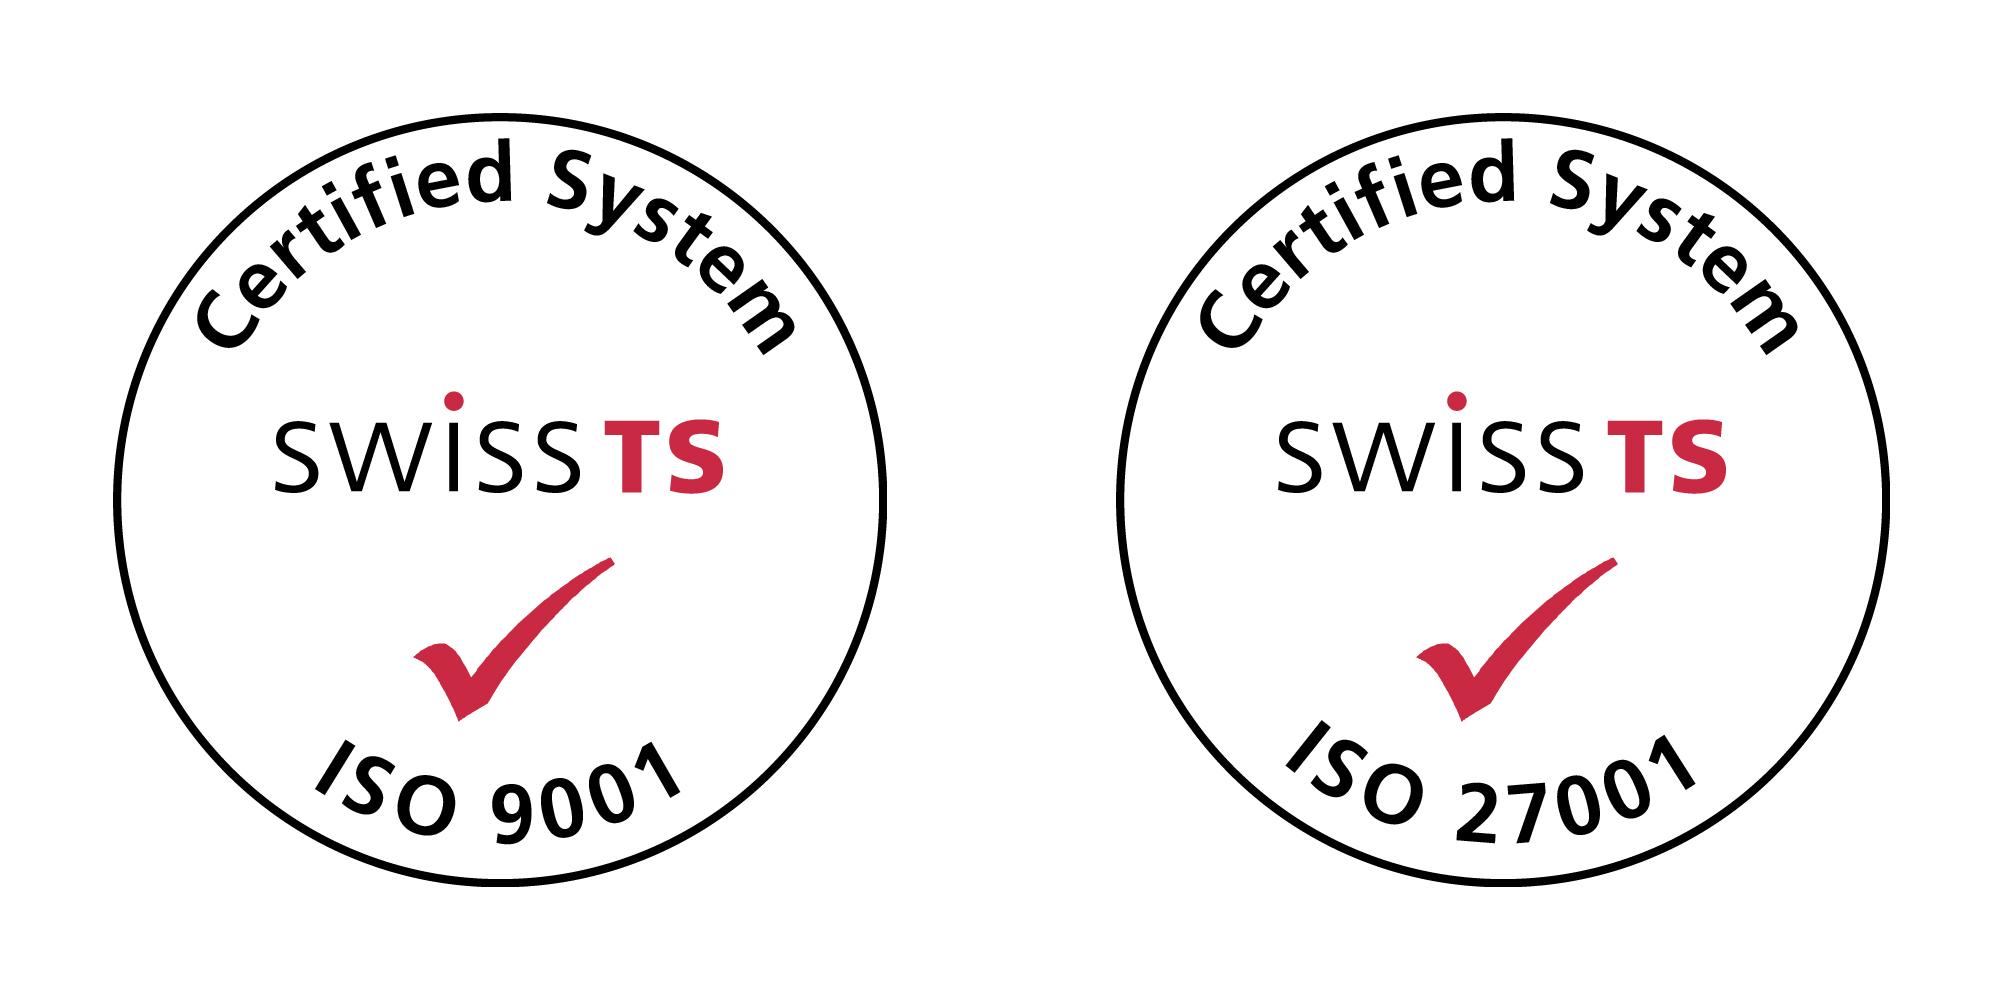 Vertec ist für Qualitätsmanagement ISO 9001 und für den Umgang mit Informationssicherheit ISO 27011 zertifiziert